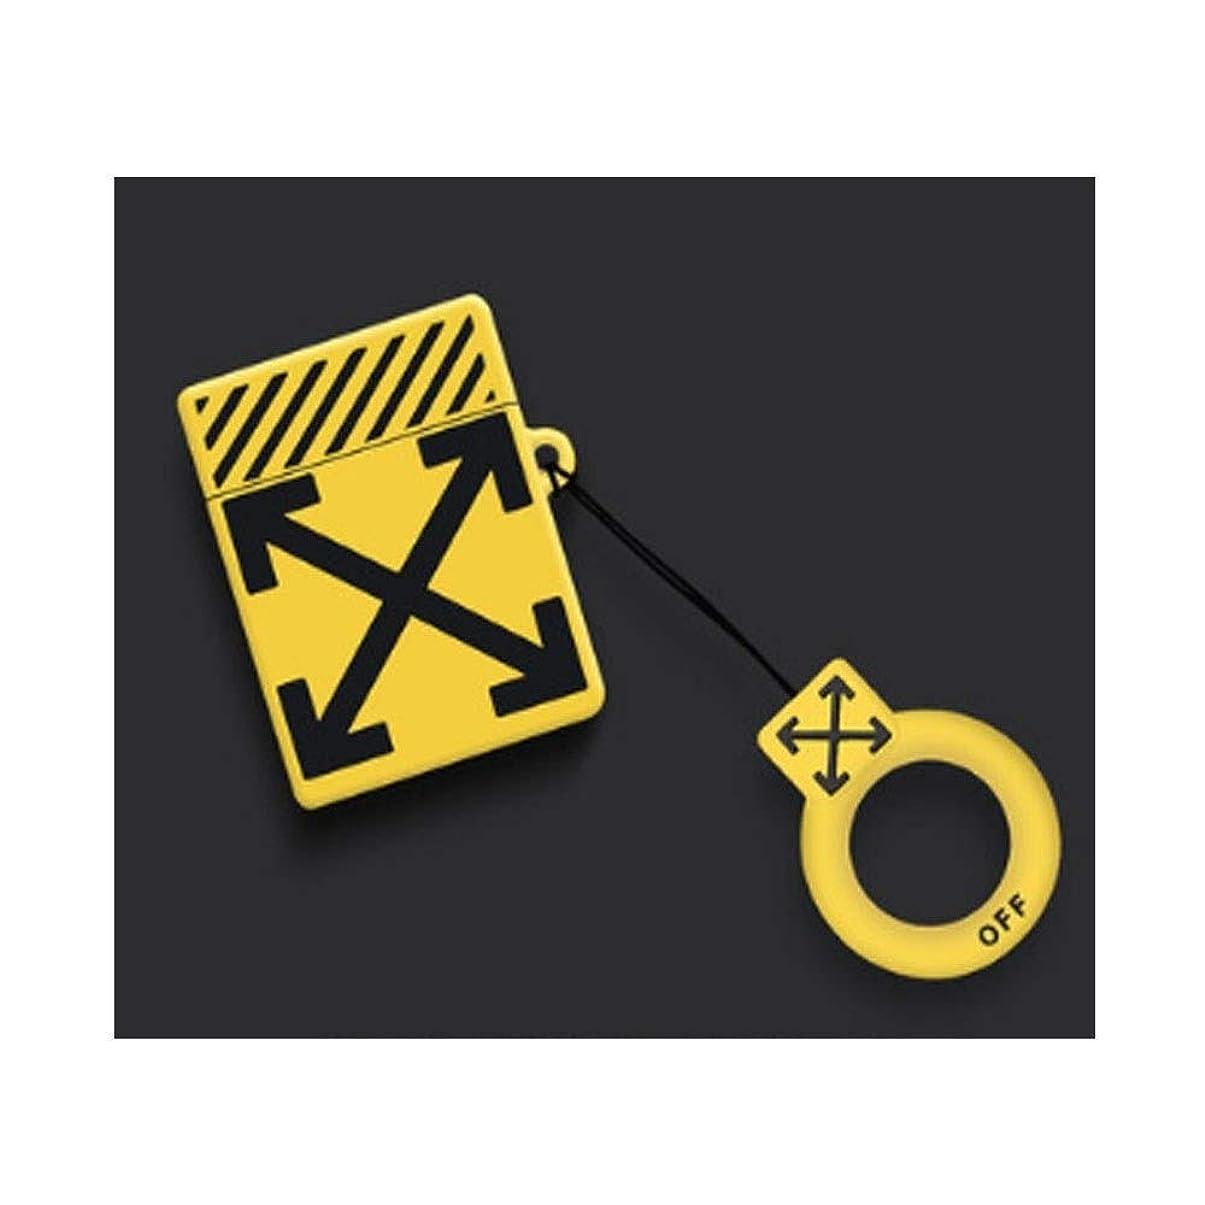 人類はがき死傷者KYK ヘッドフォンセット、アンチドロップストレージAirPodsケース、ドロッププルーフと耐久性、使い心地、美しいギフト(ブラック、ホワイト、イエロー) (Color : Yellow)